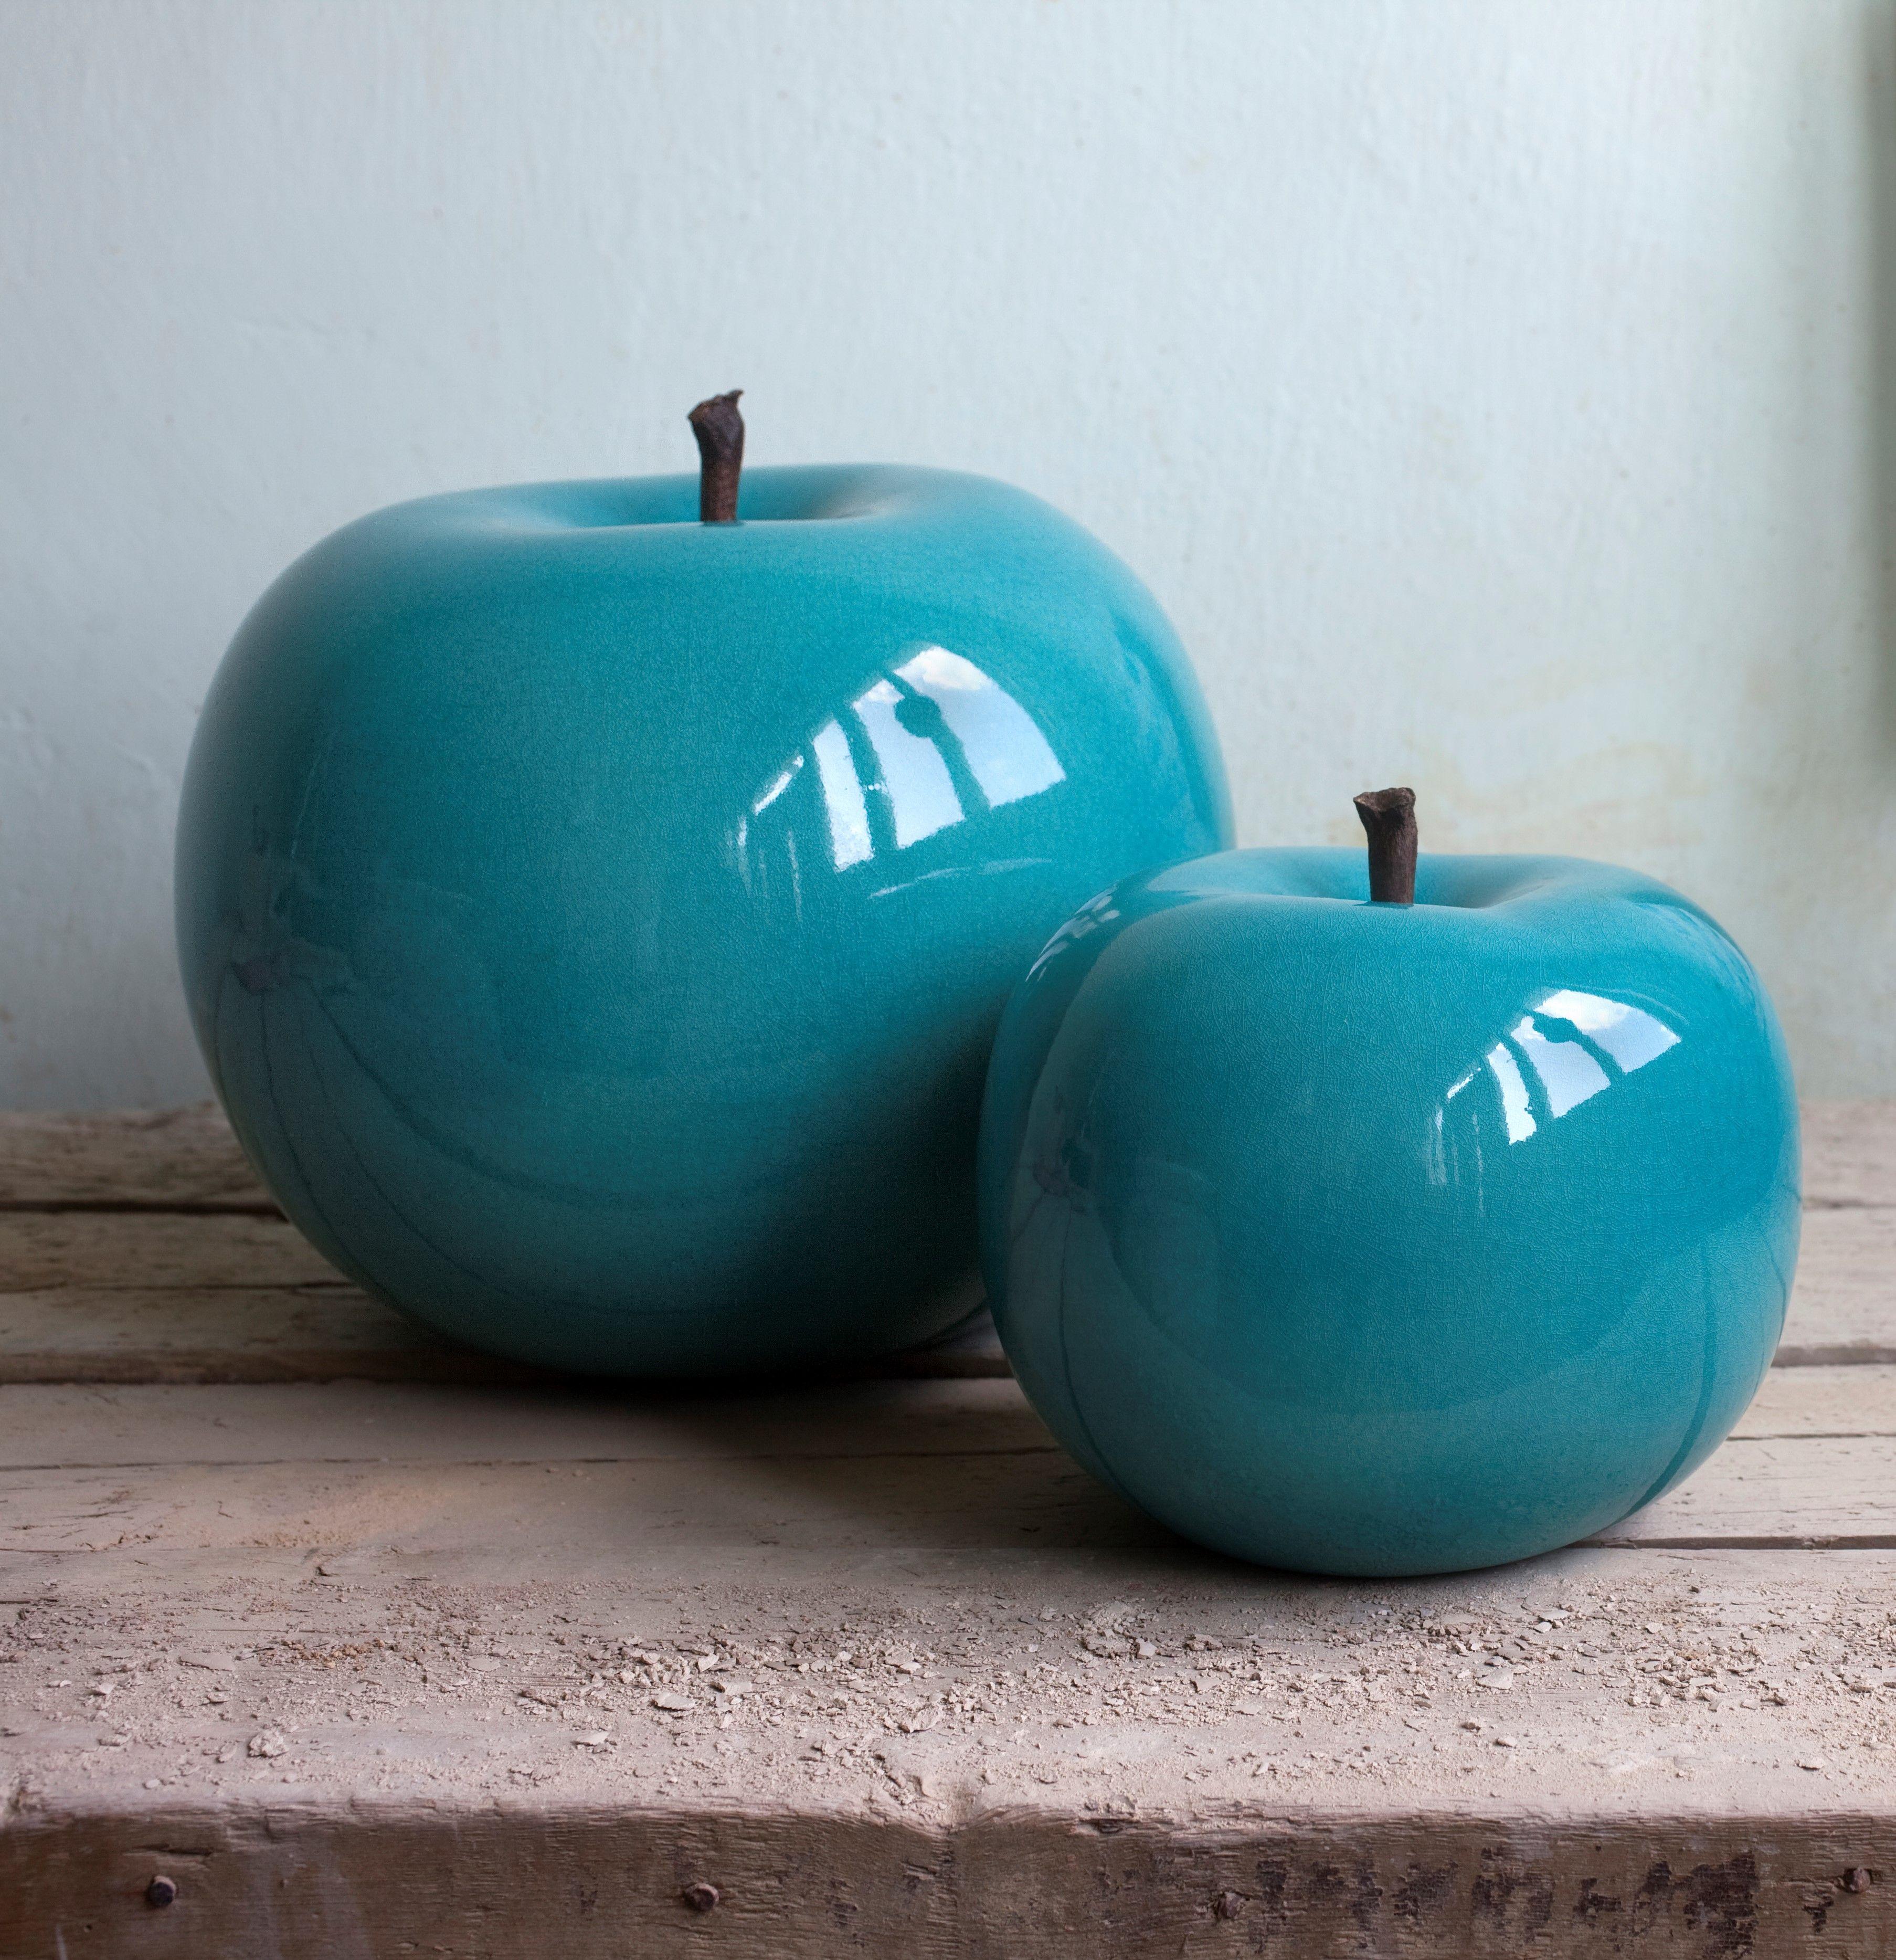 une pomme g ante en porcelaine bleue turquoise pour d corer son int rieur son h tel son. Black Bedroom Furniture Sets. Home Design Ideas